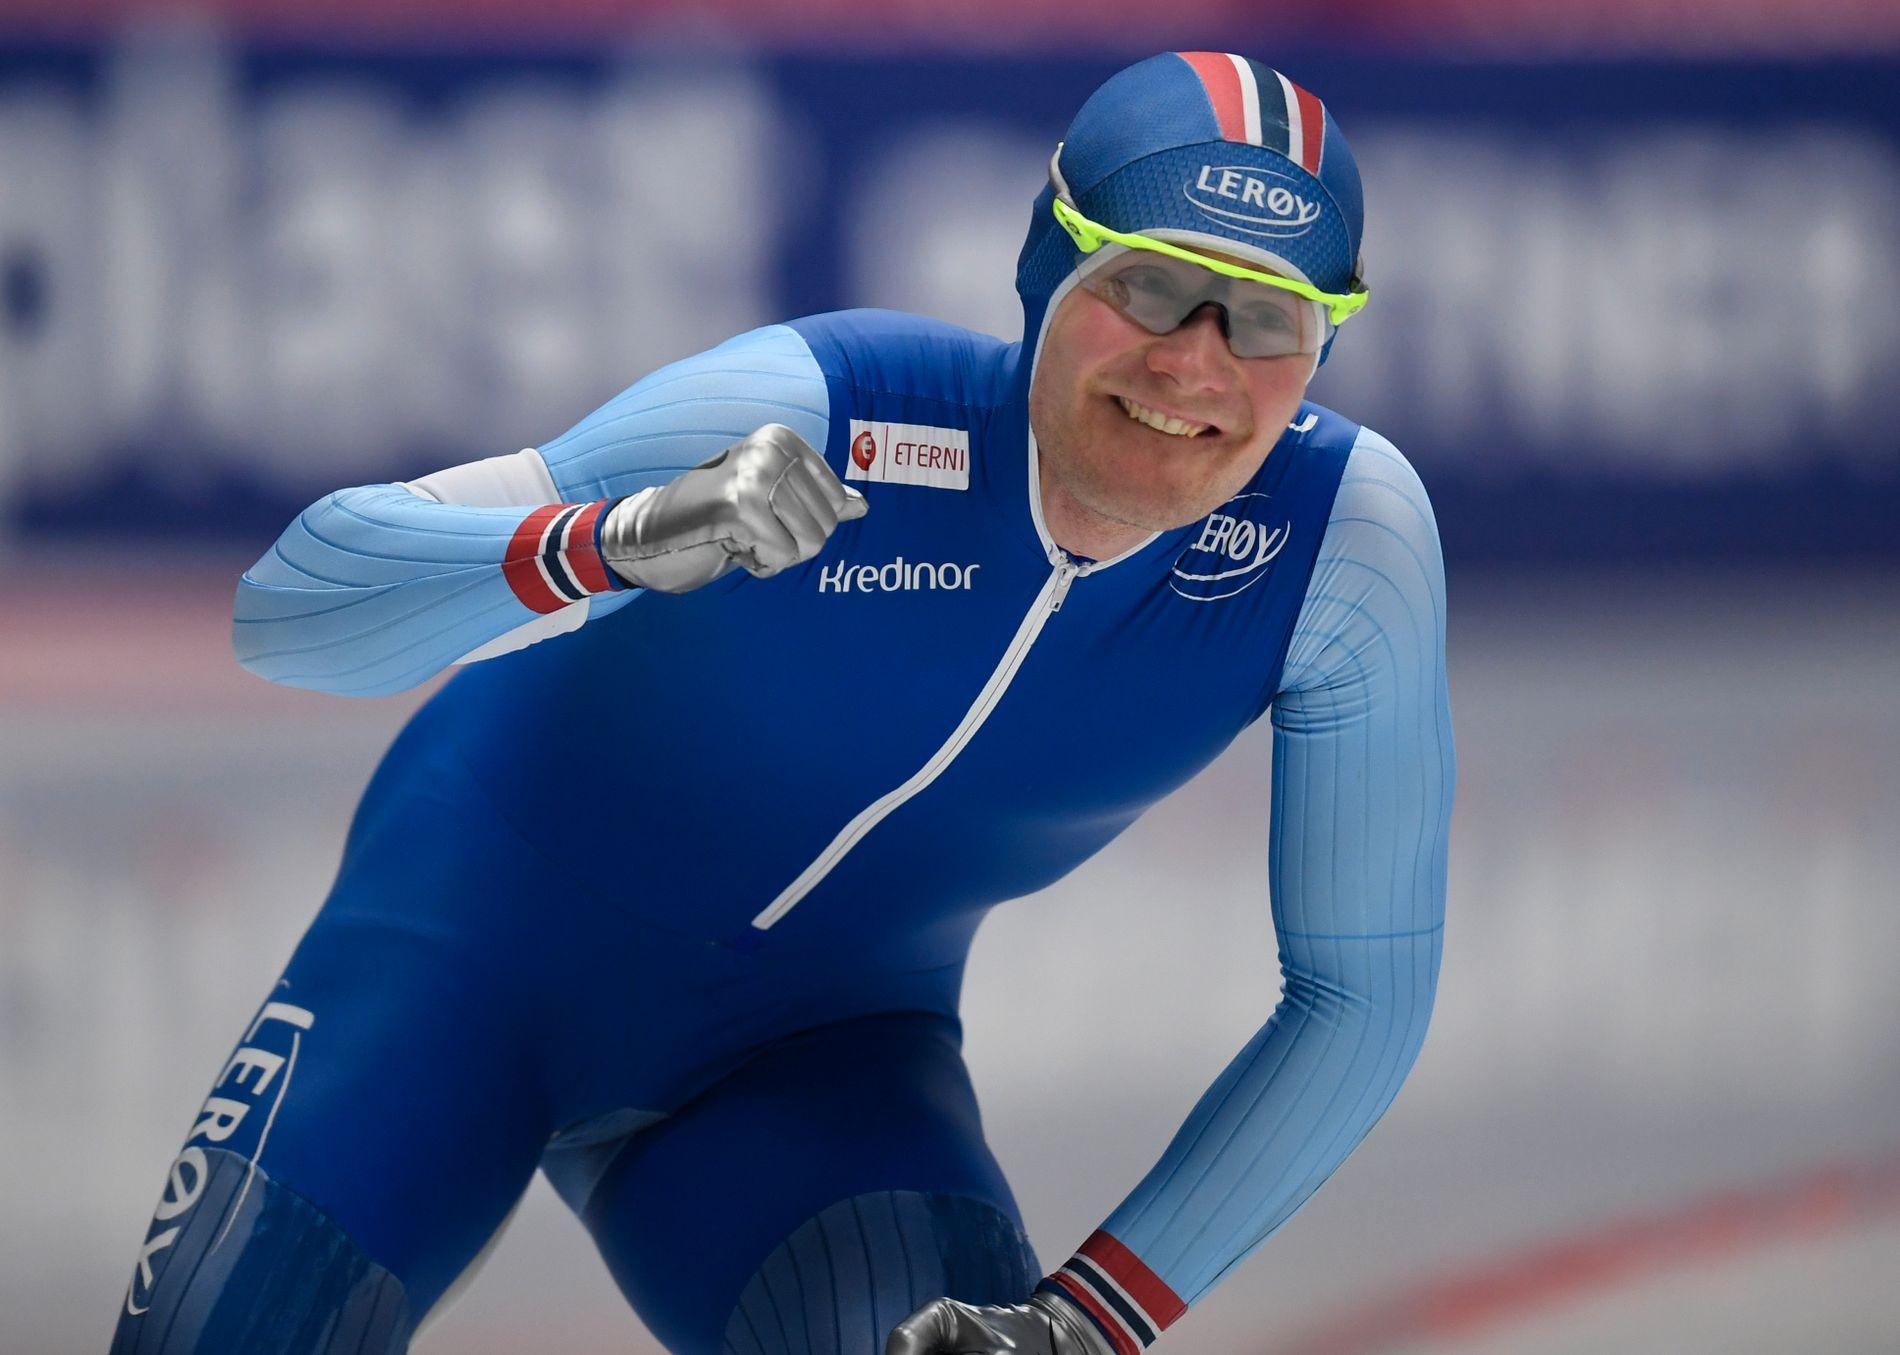 STYRKEDEMONSTRASJON: Sverre Lunde Pedersen satte personlig rekord og senket Sven Kramers banerekord med tre sekunder da han torsdag vant Norges første gullmedalje på 5000 meter siden Johann Olav Koss i OL for 25 år siden.